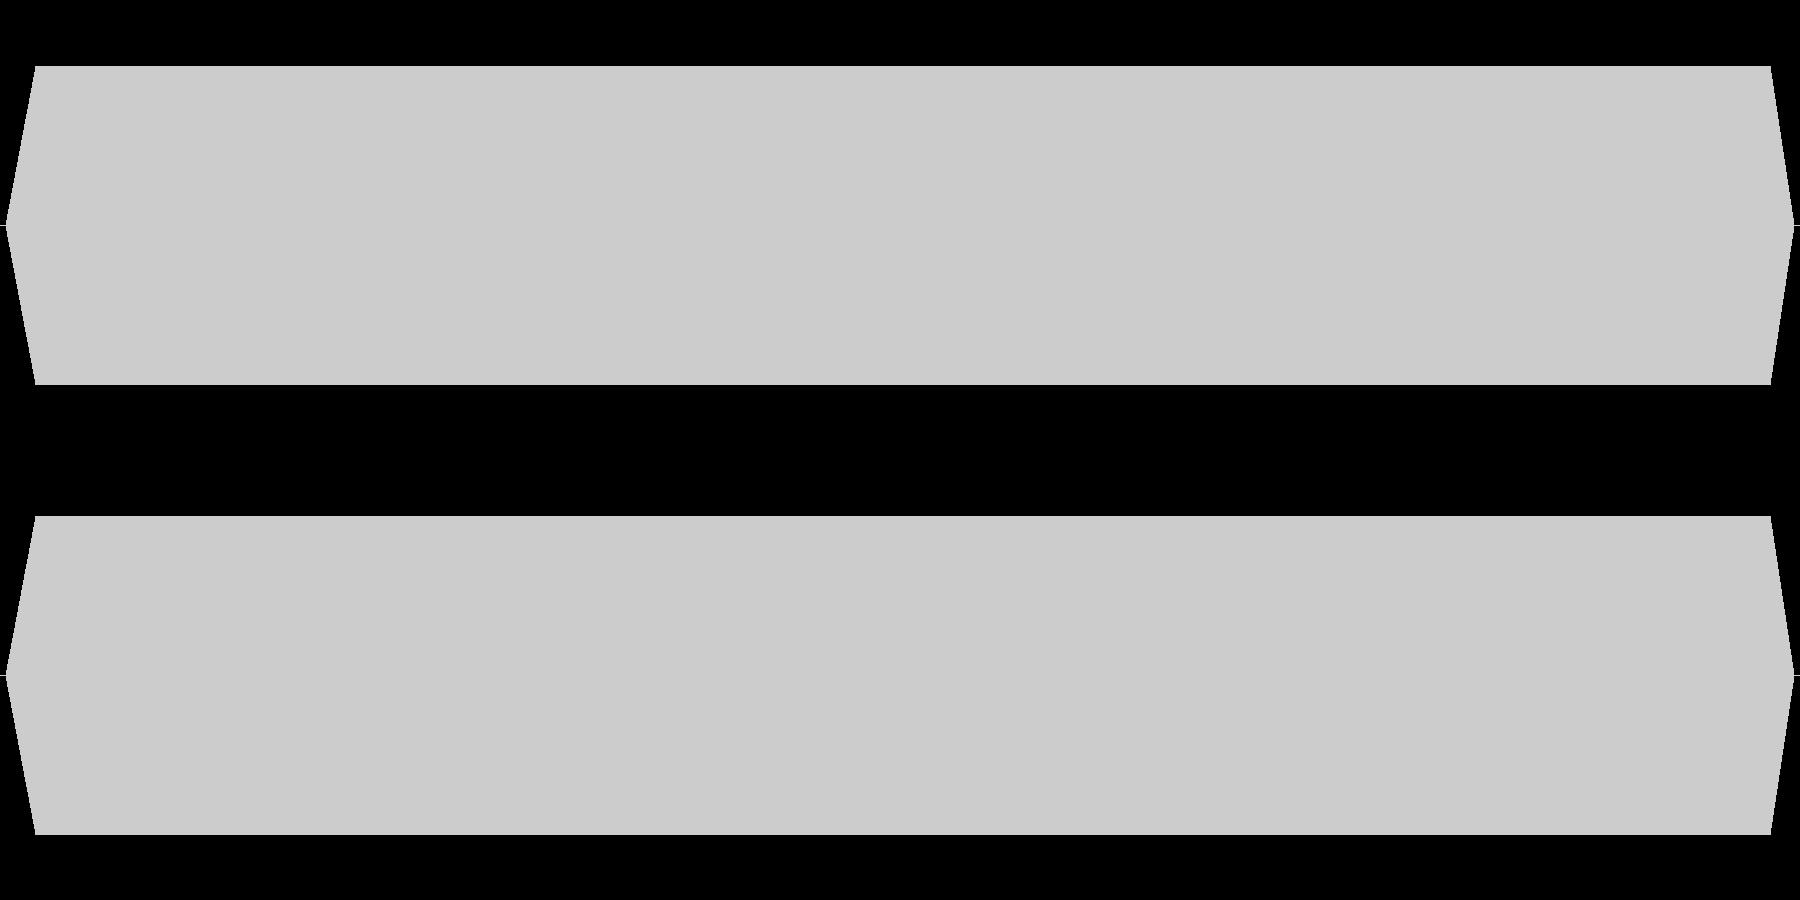 モスキート音 17kHzの未再生の波形